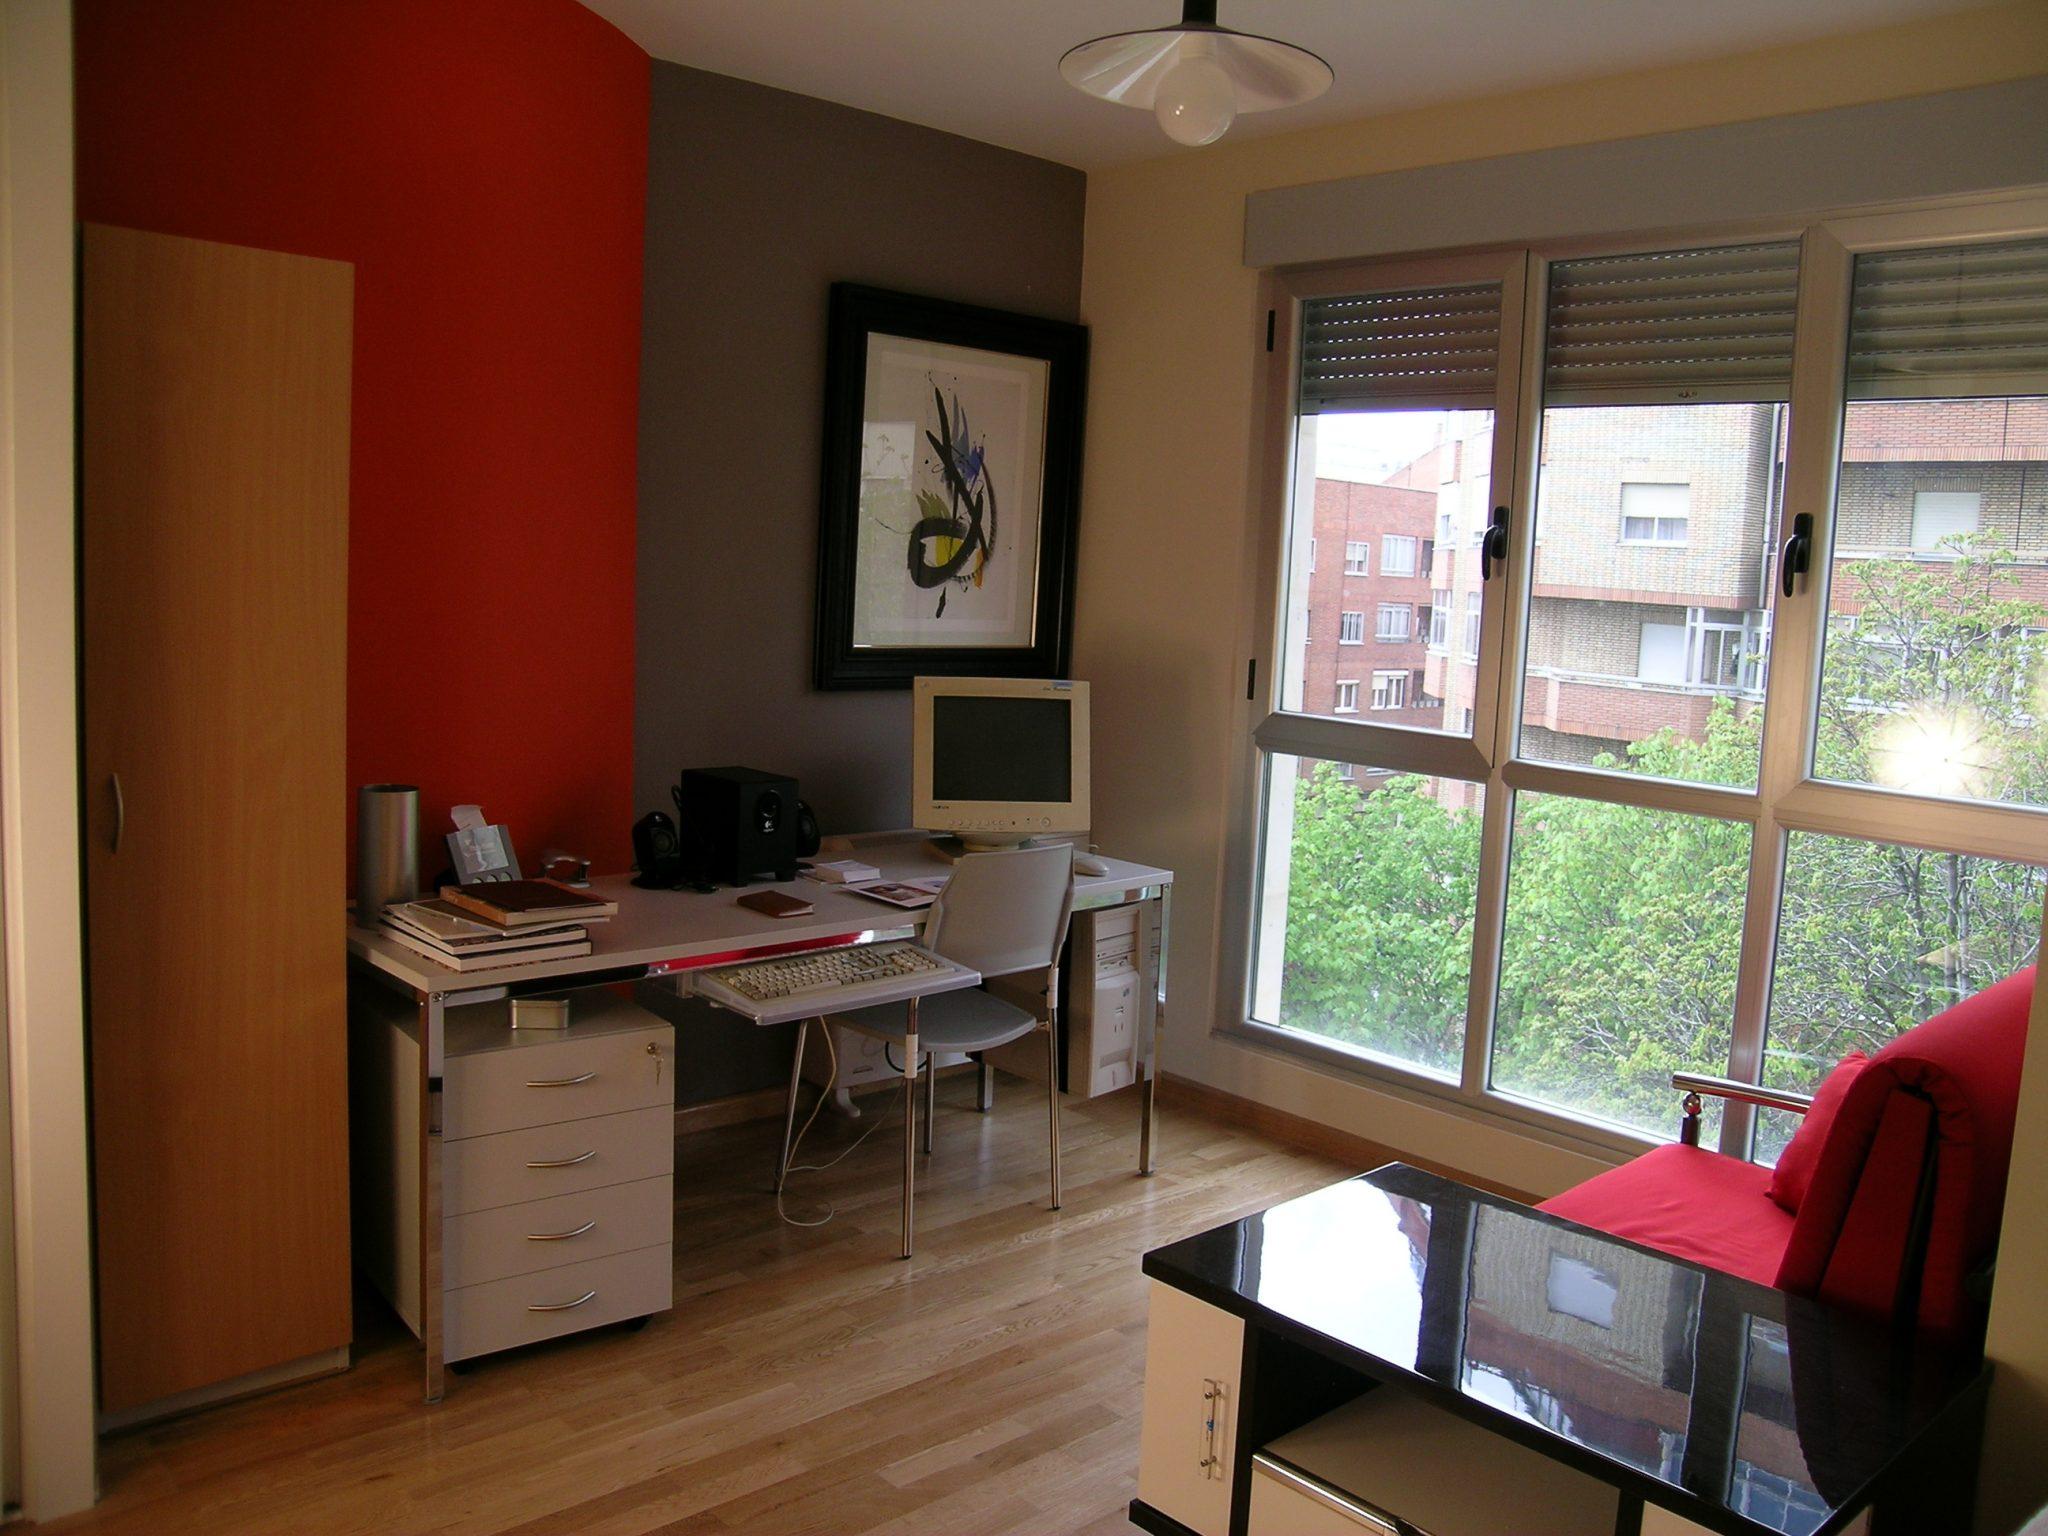 Apartamentos le n mesa oficina for Mesa oficina